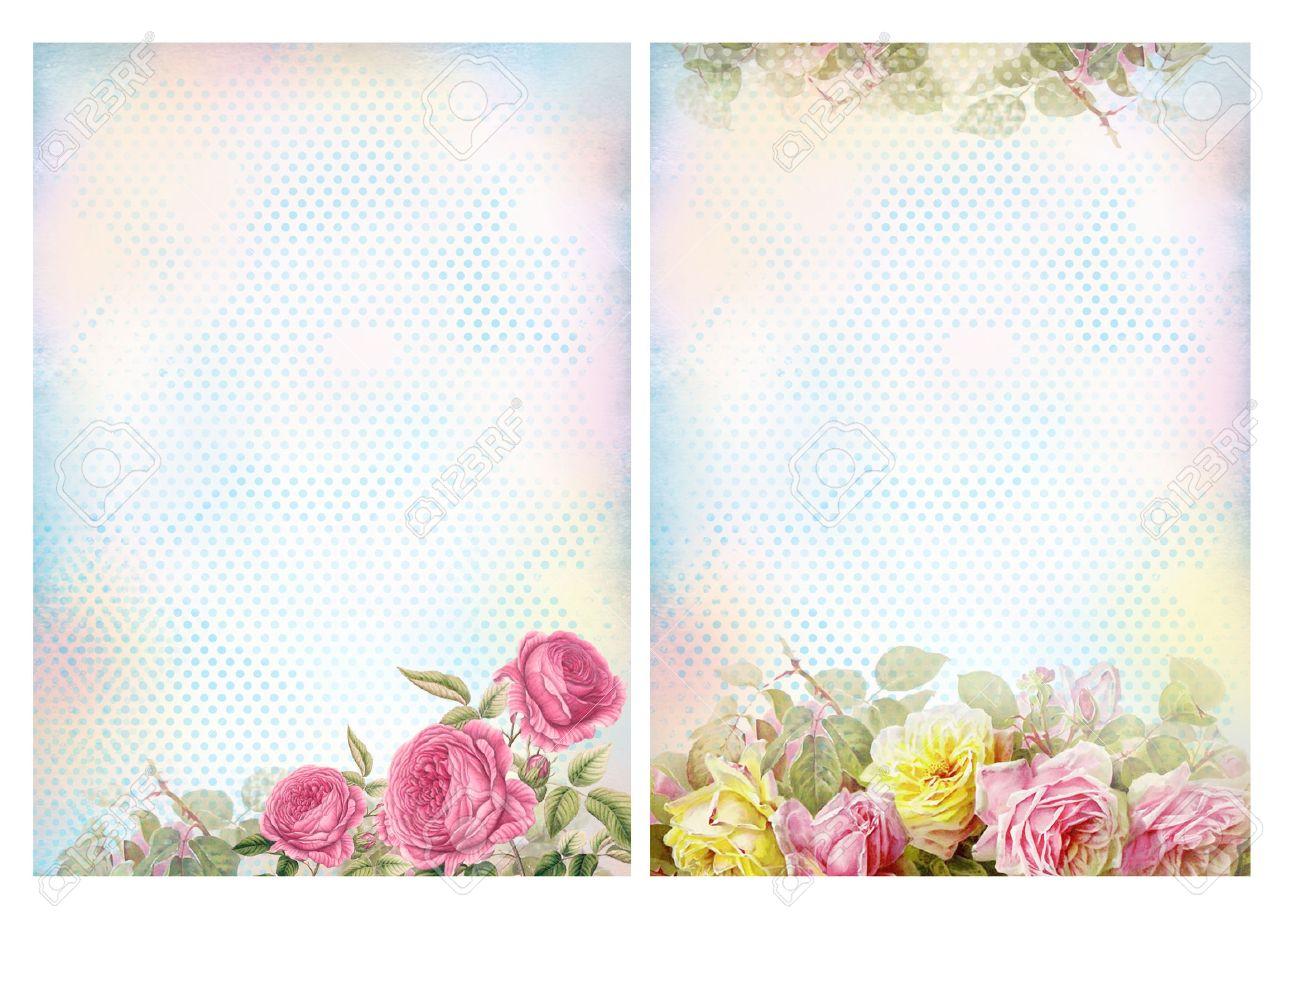 Sfondi shabby chic con le rose. Pastello floreale sfondo vintage. Archivio Fotografico - 35811703